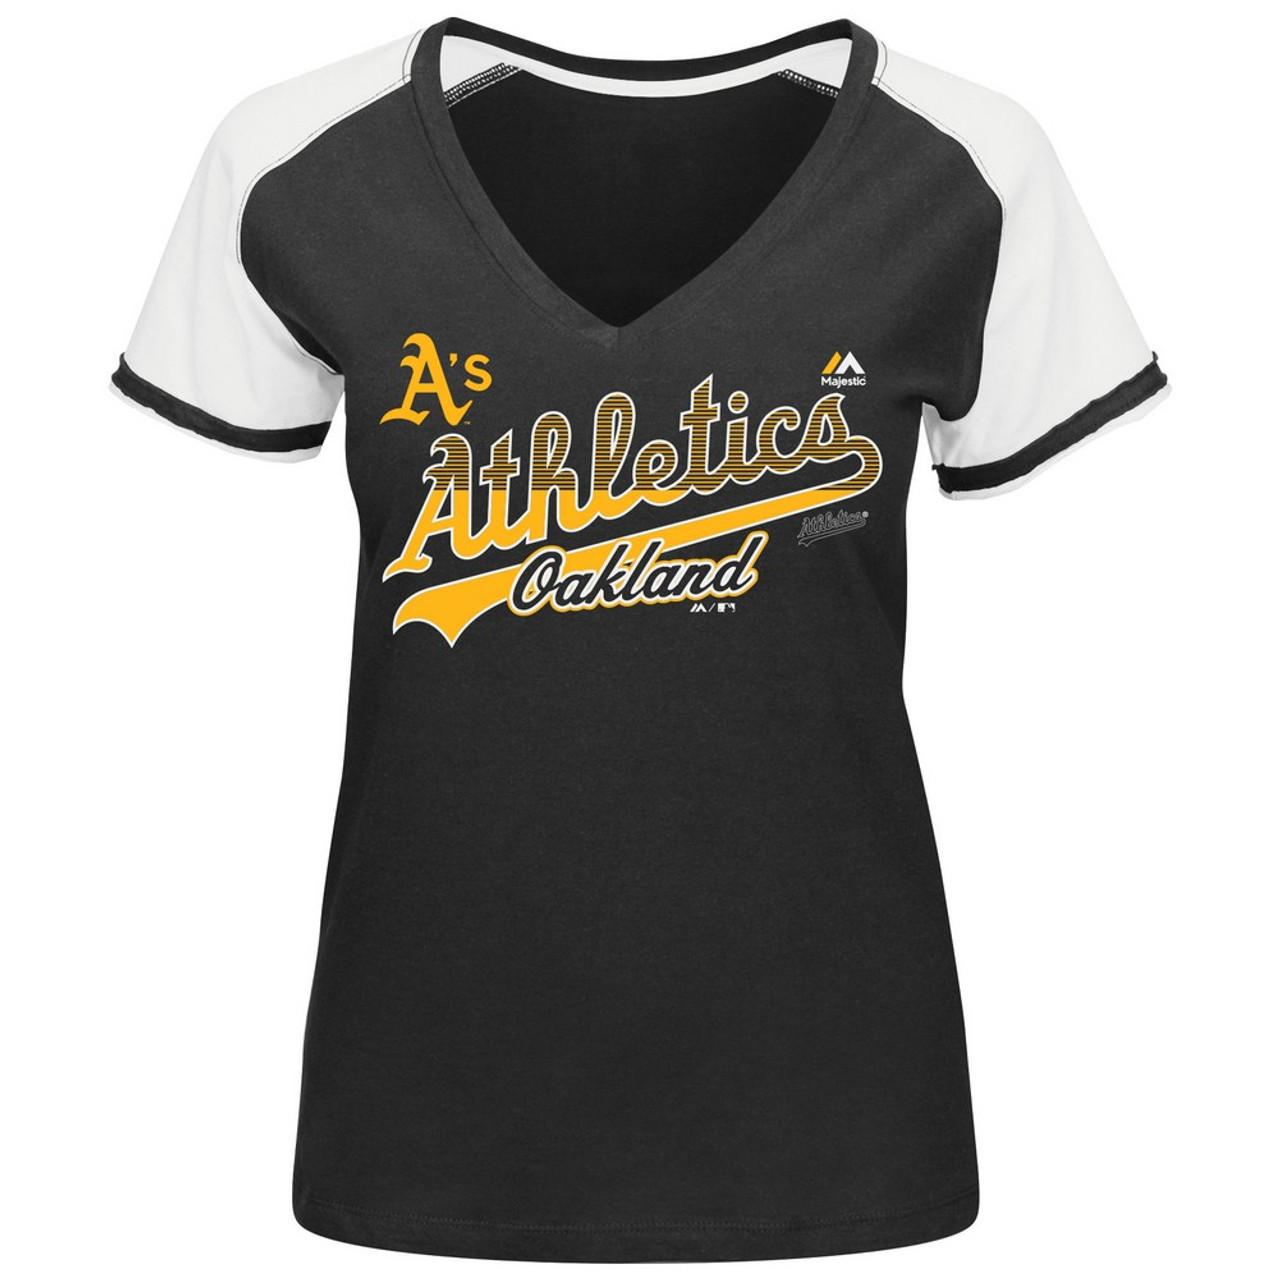 Oakland Athletics Short Sleeve Raglan V-Neck Tee